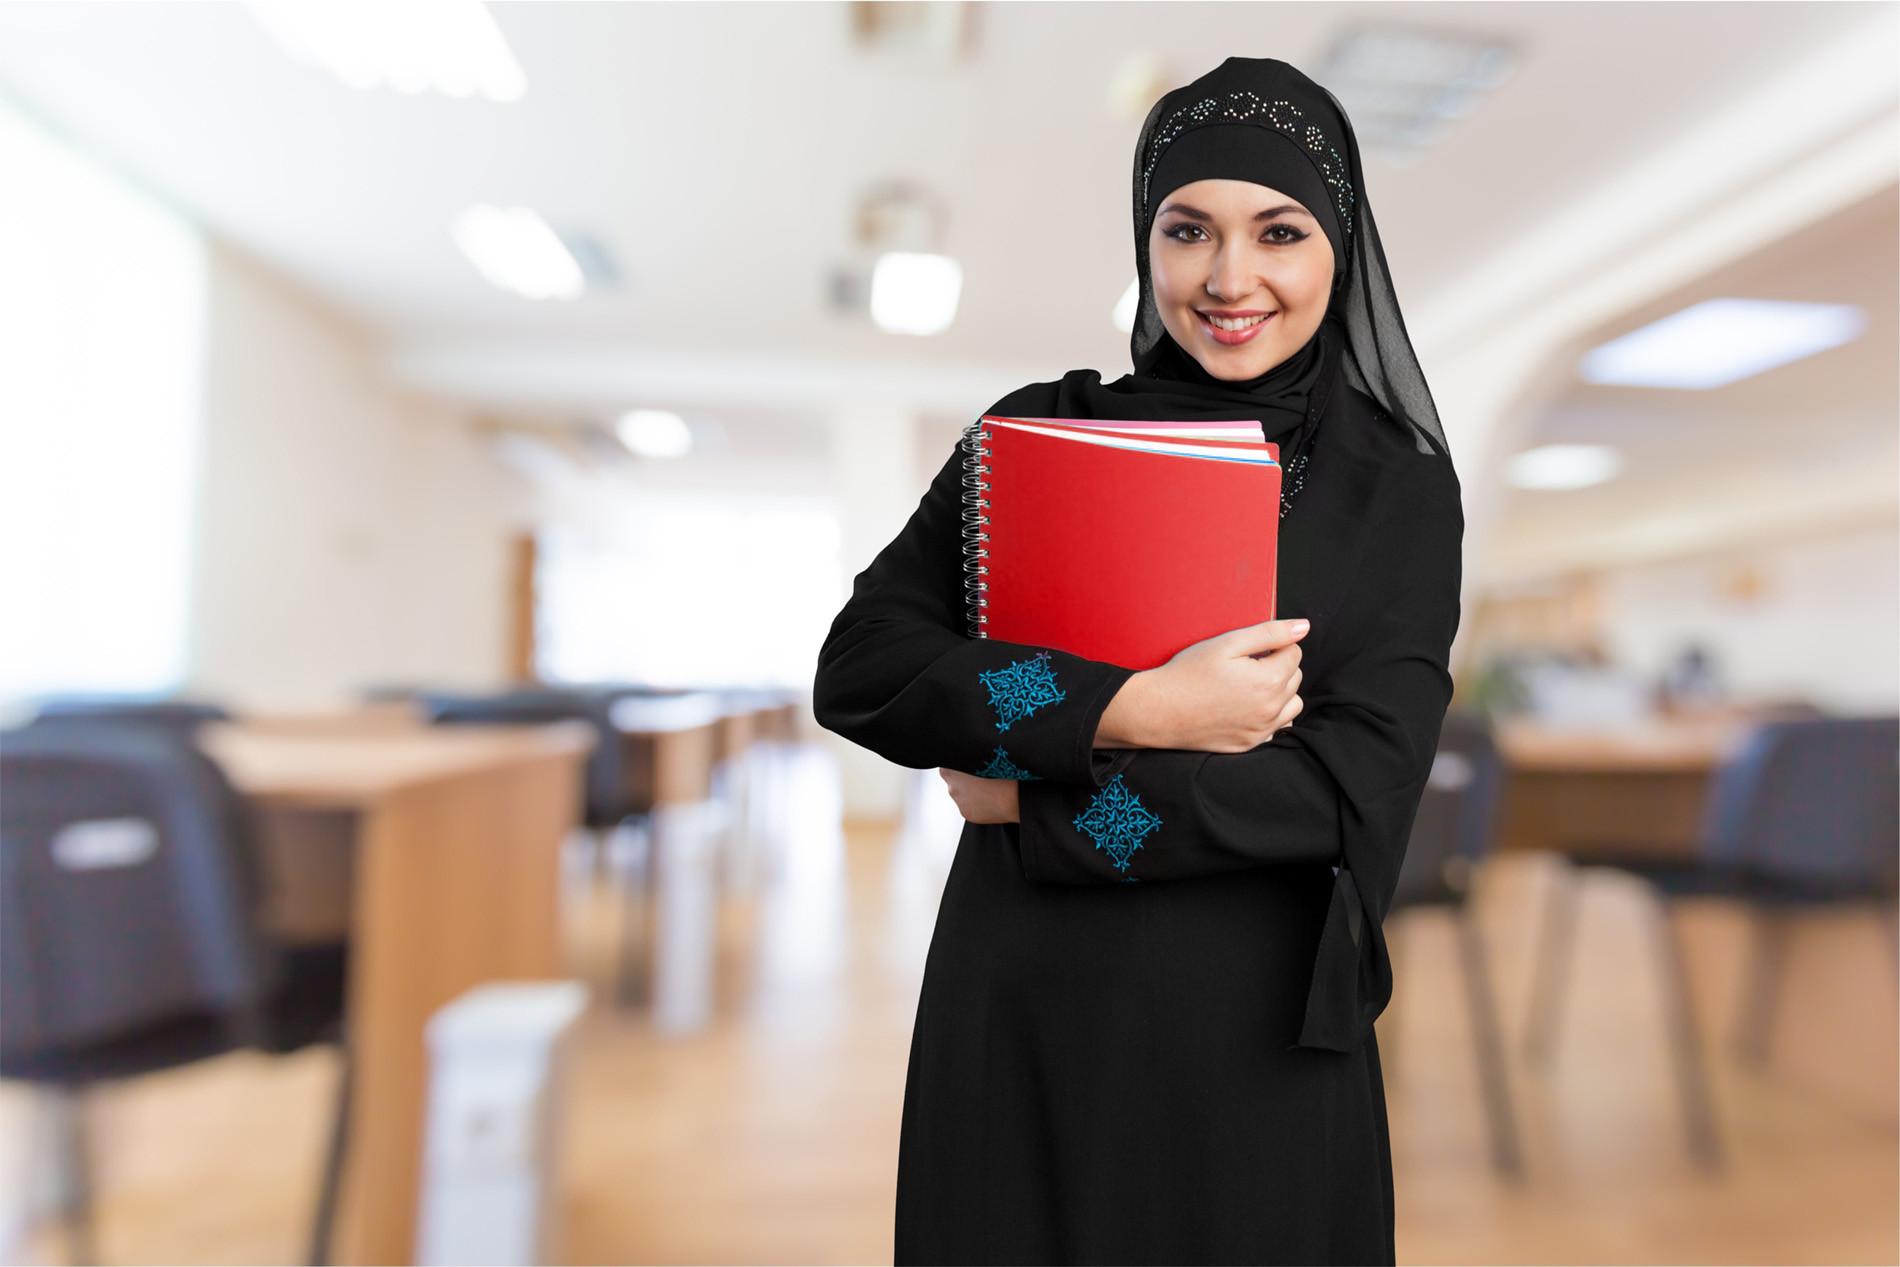 pflegekurse f r menschen muslimischen glaubens awo karlsruhe. Black Bedroom Furniture Sets. Home Design Ideas